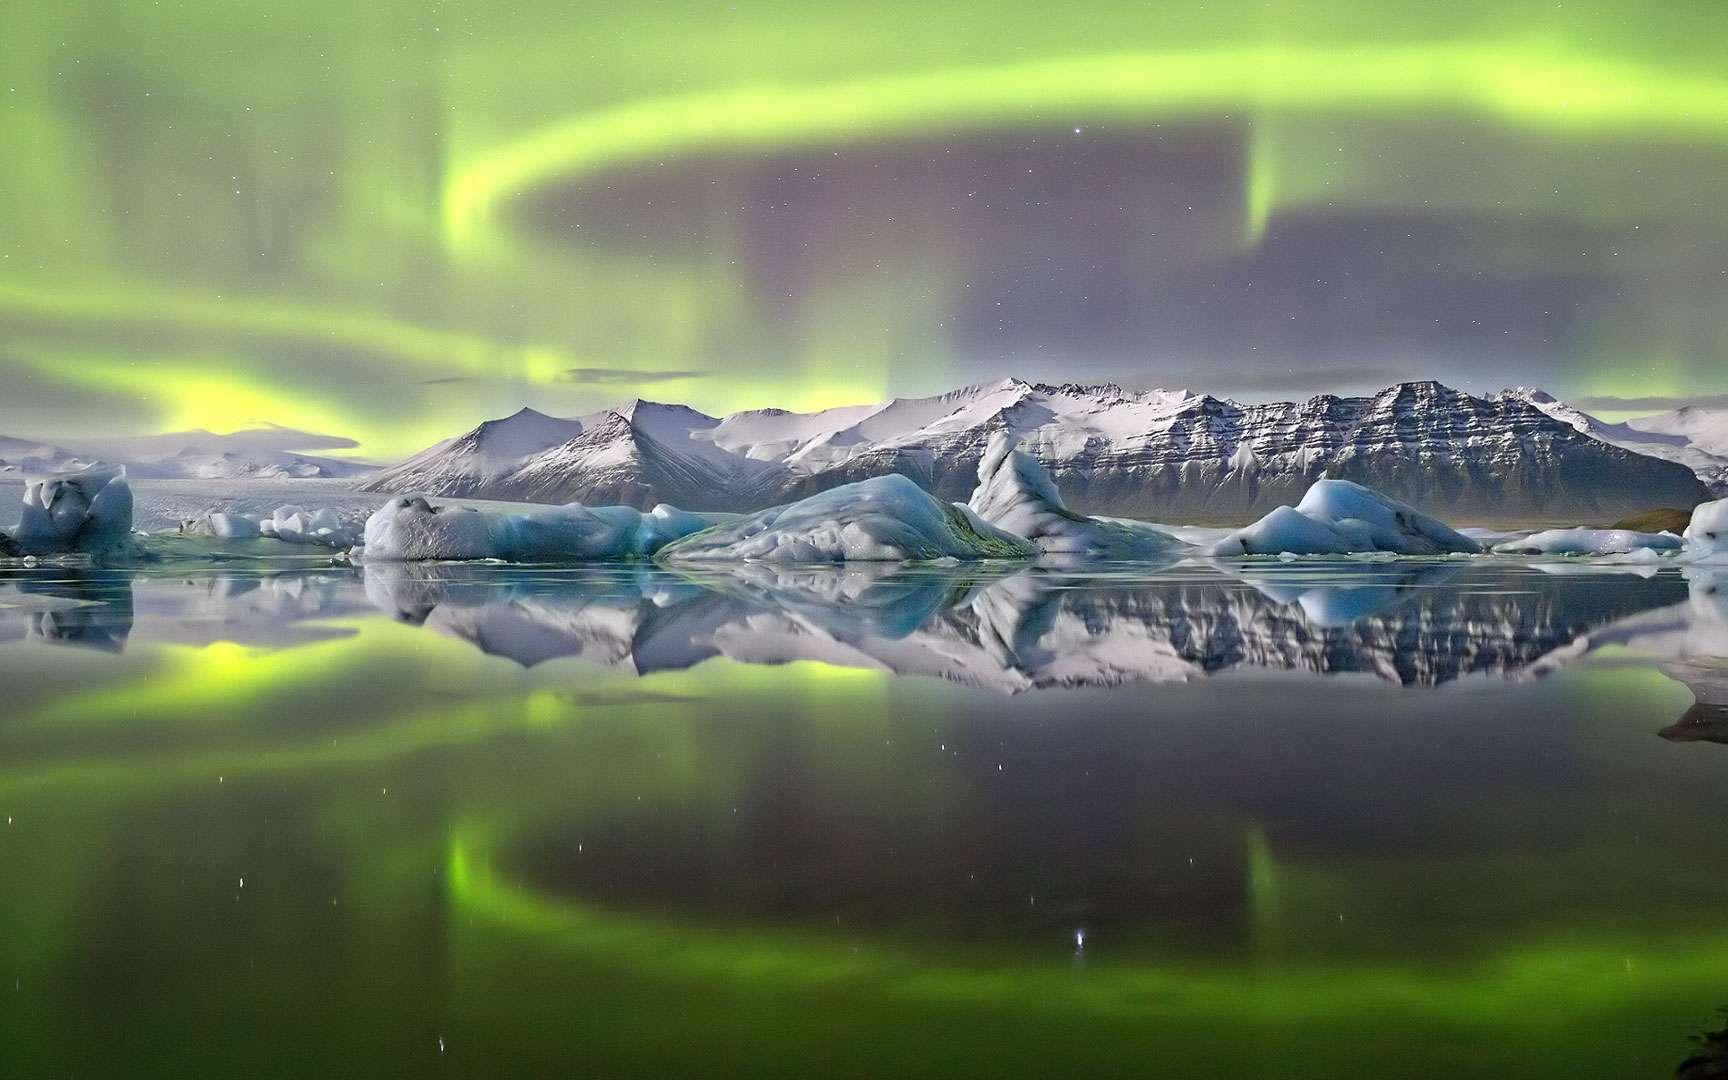 Aurore boréale au-dessus du glacier Vatnajökull par James Woodend. James Woodend (Royaume-Uni) a remporté le premier prix de la catégorie « Terre et espace » avec cette très belle composition. C'est la première fois que le jury le décerne à un paysage embrasé par une aurore. Le feu et la glace se mirent dans les eaux paisibles qui bordent le glacier Vatnajökull, au sud de l'Islande. © James Woodend, Flickr